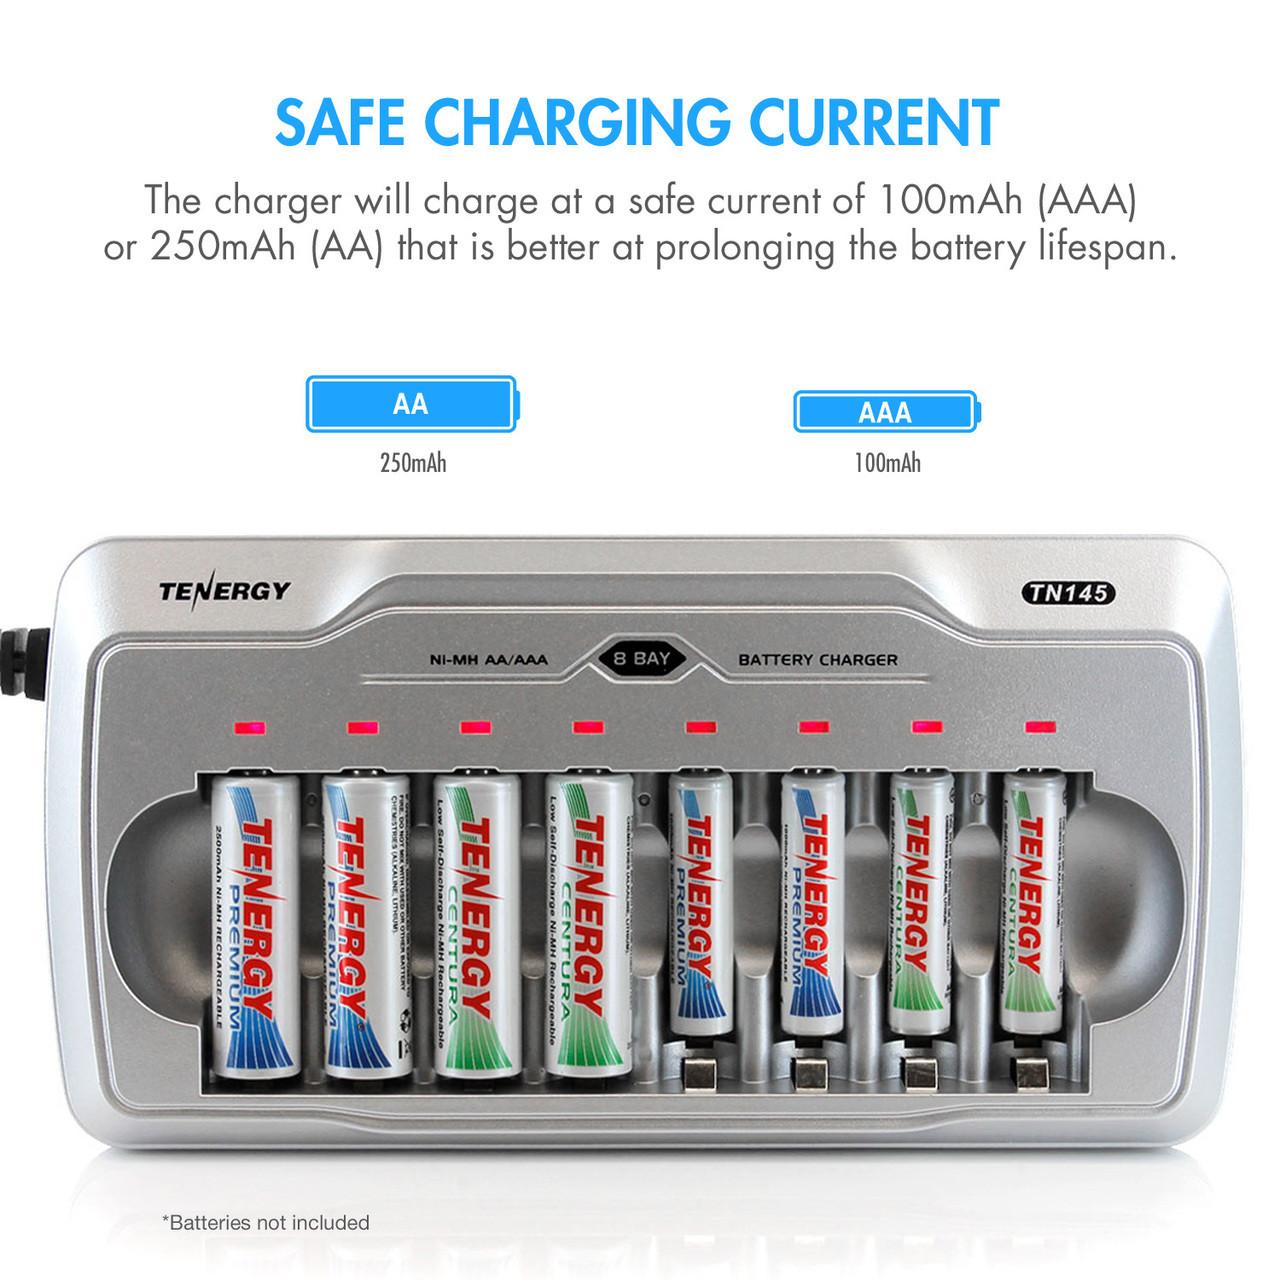 Tenergy TN145 8-Bay AA/AAA NiMH Battery Charger